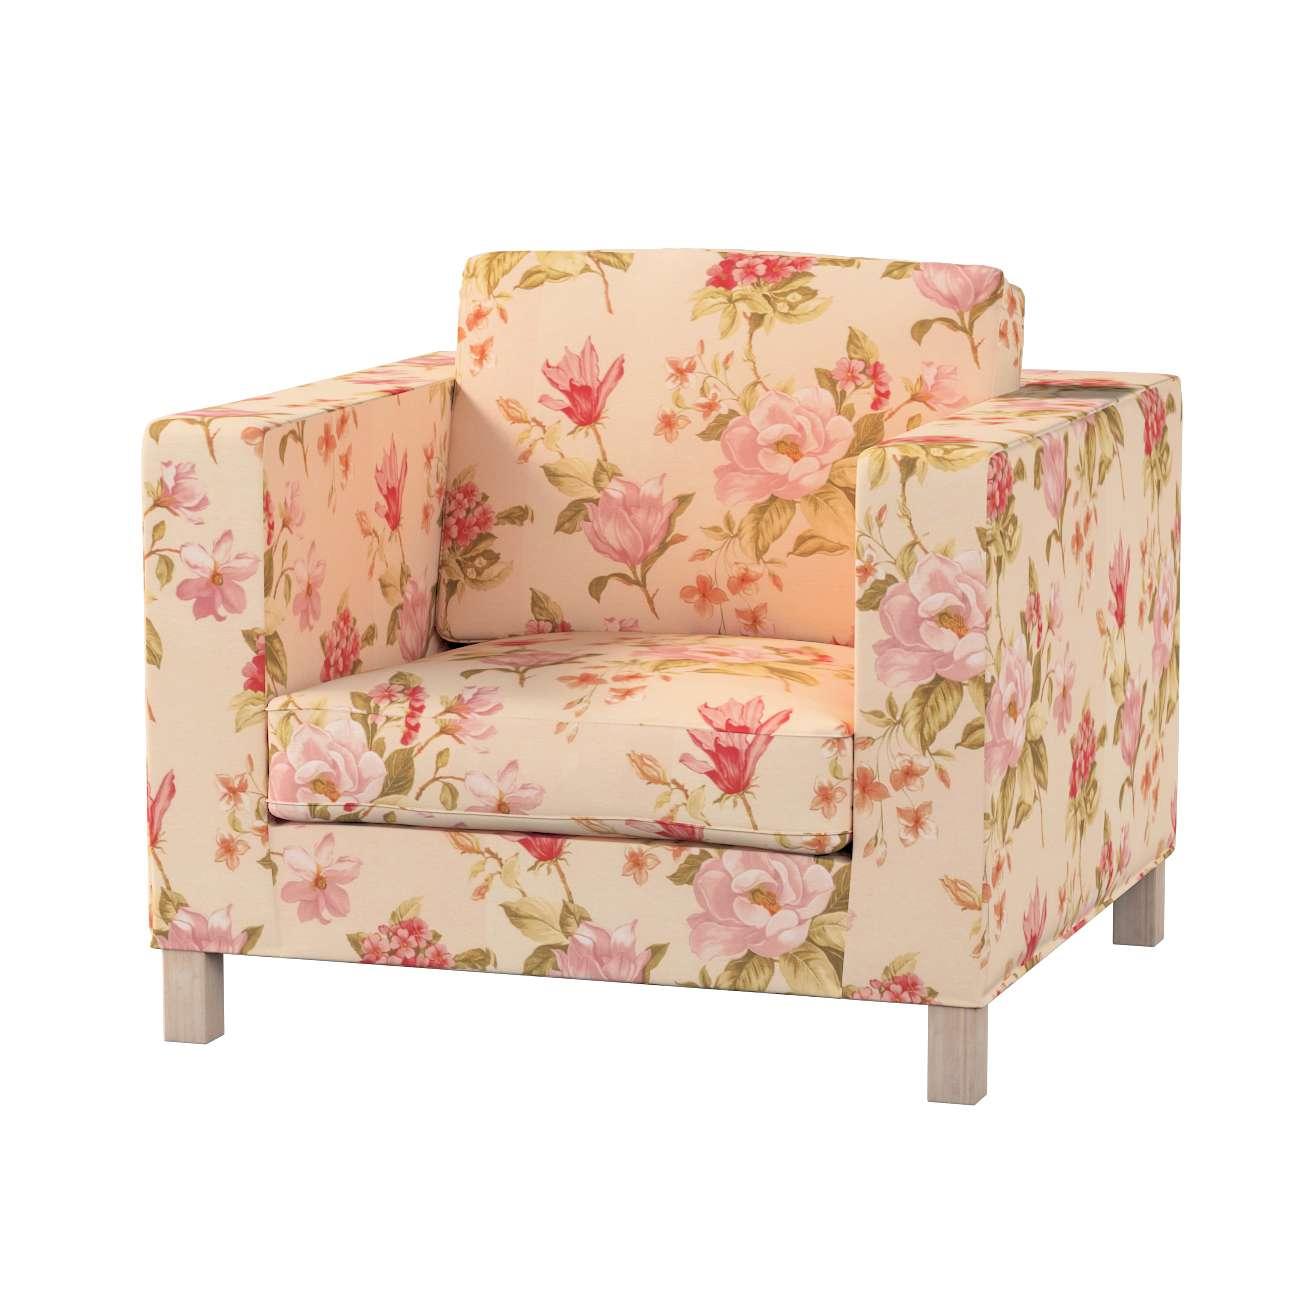 Pokrowiec na fotel Karlanda, krótki fotel Karlanda w kolekcji Londres, tkanina: 123-05